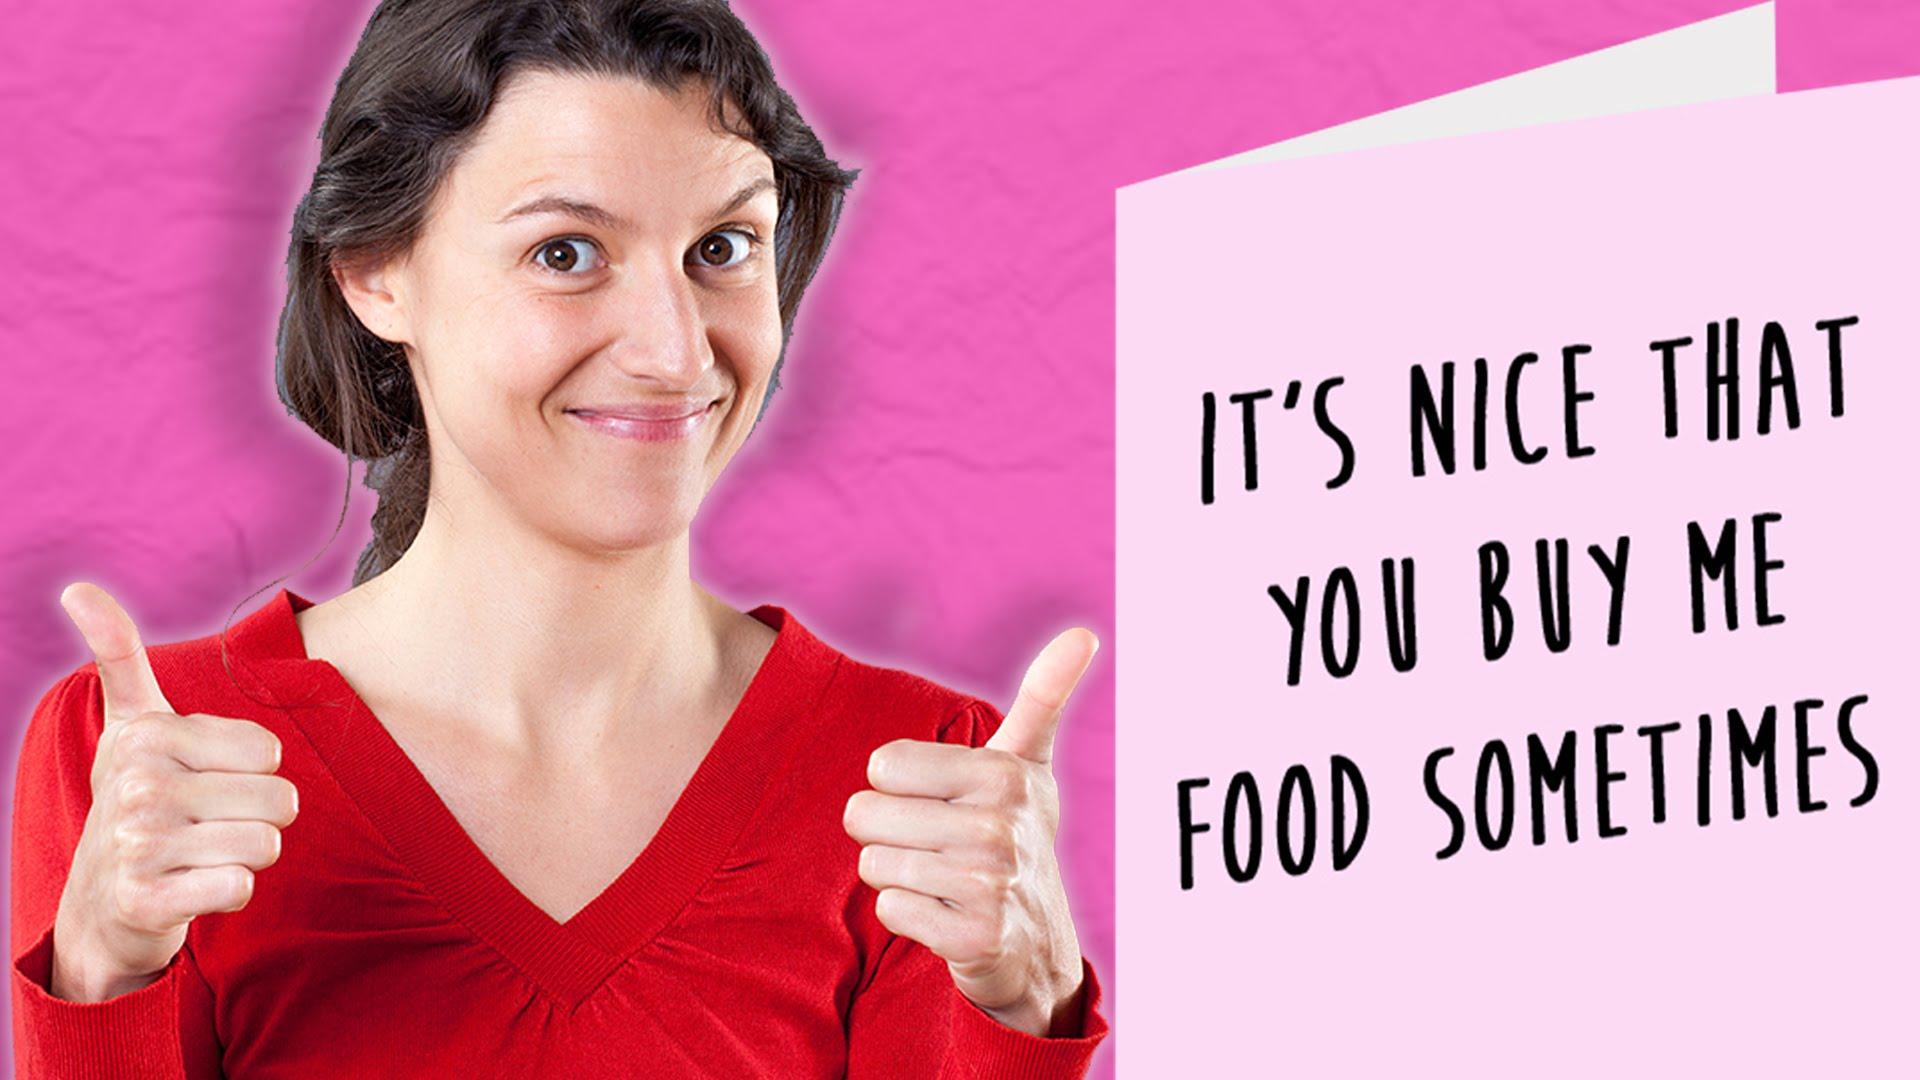 If Valentine's Day cards were brutally honest